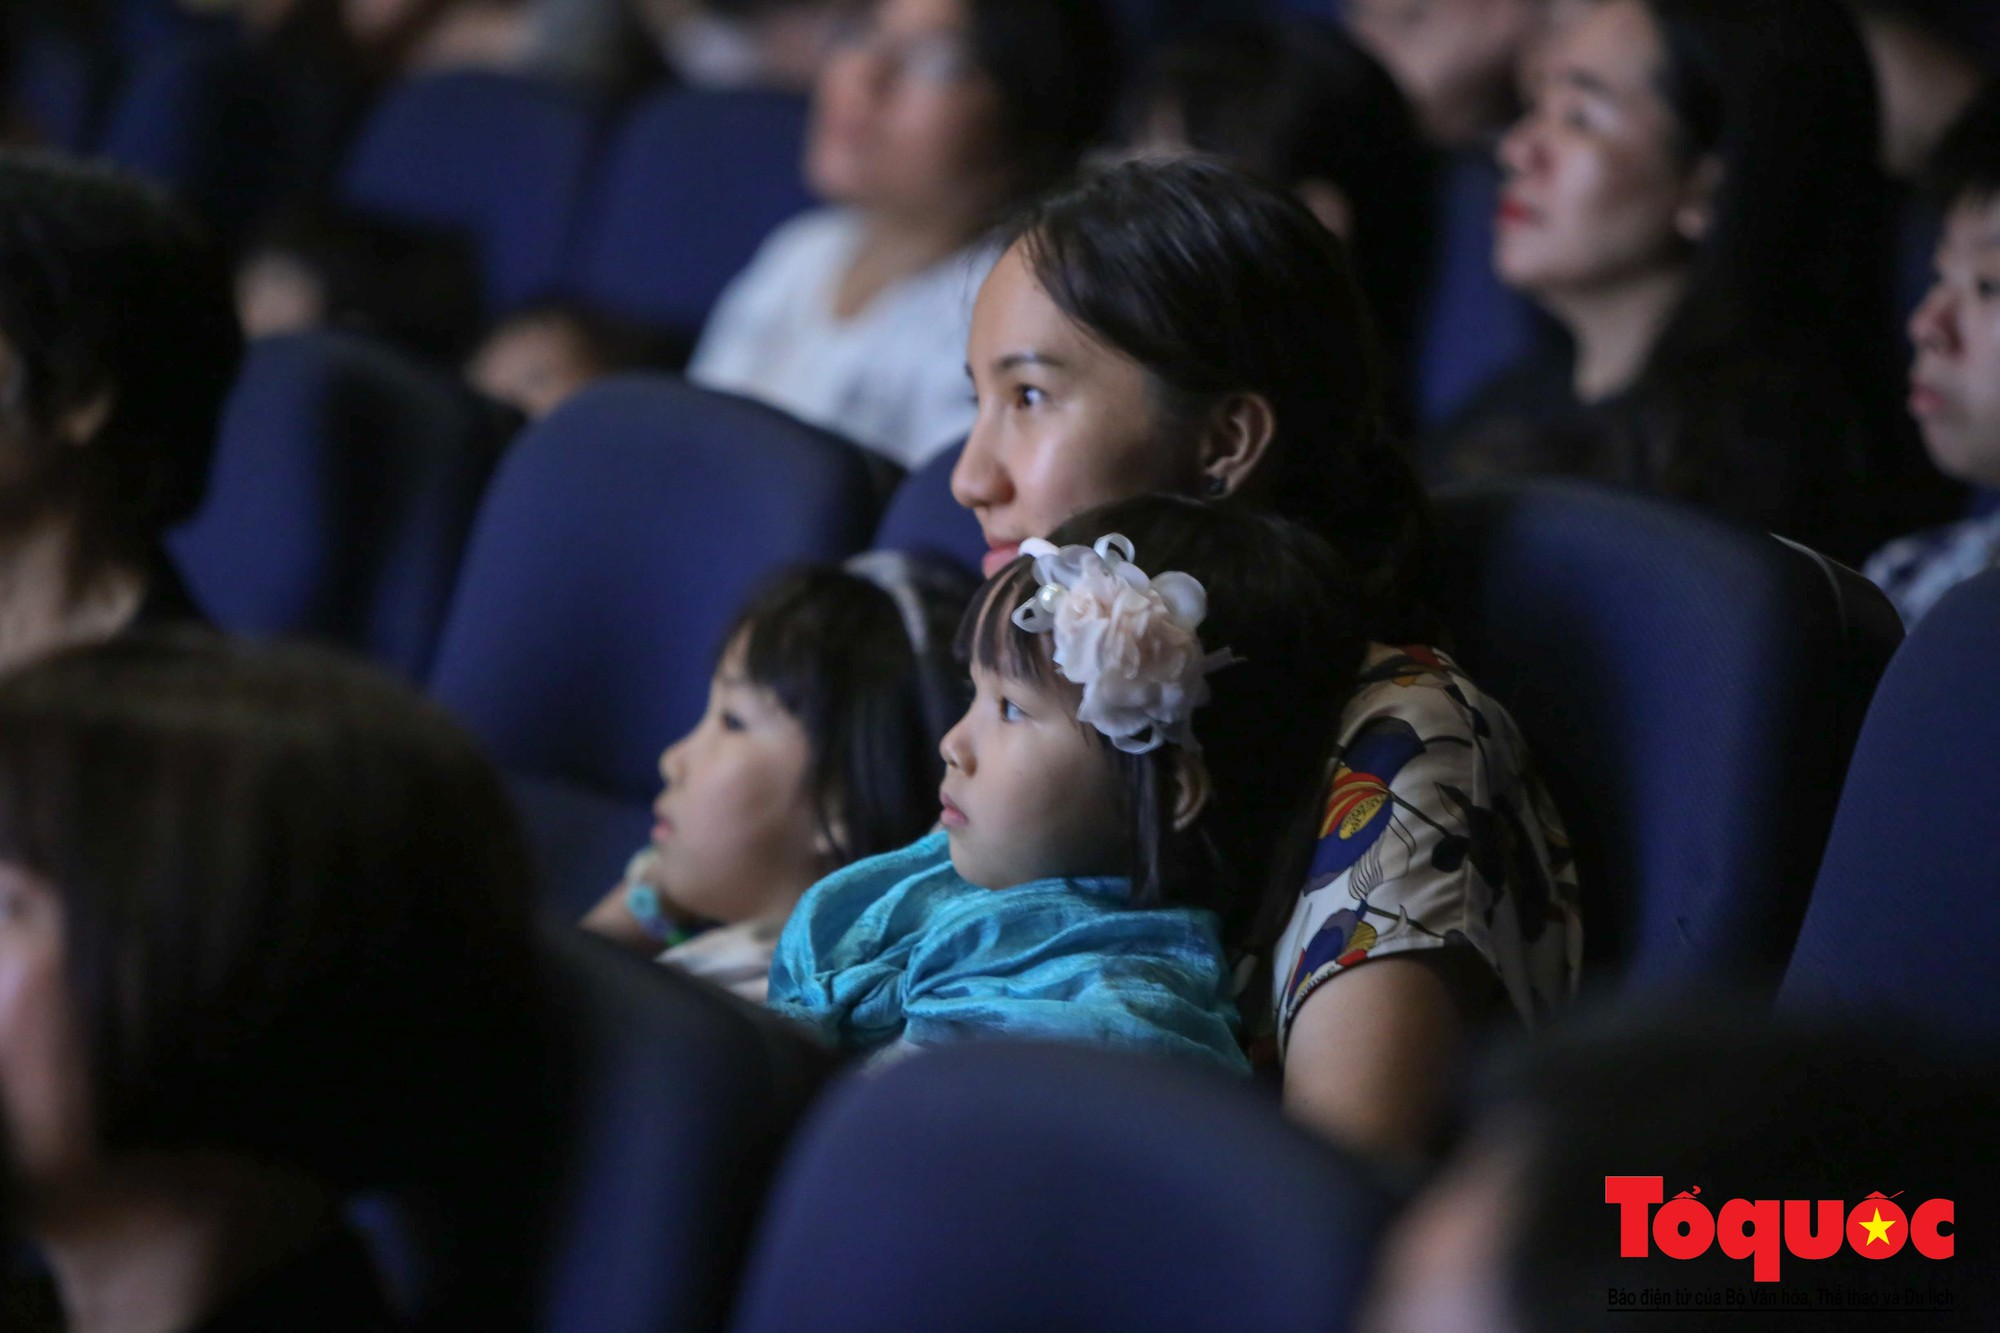 Dàn nhạc giao hưởng nhí đầu tiên của Việt Nam biểu diễn gây quỹ từ thiện (6)